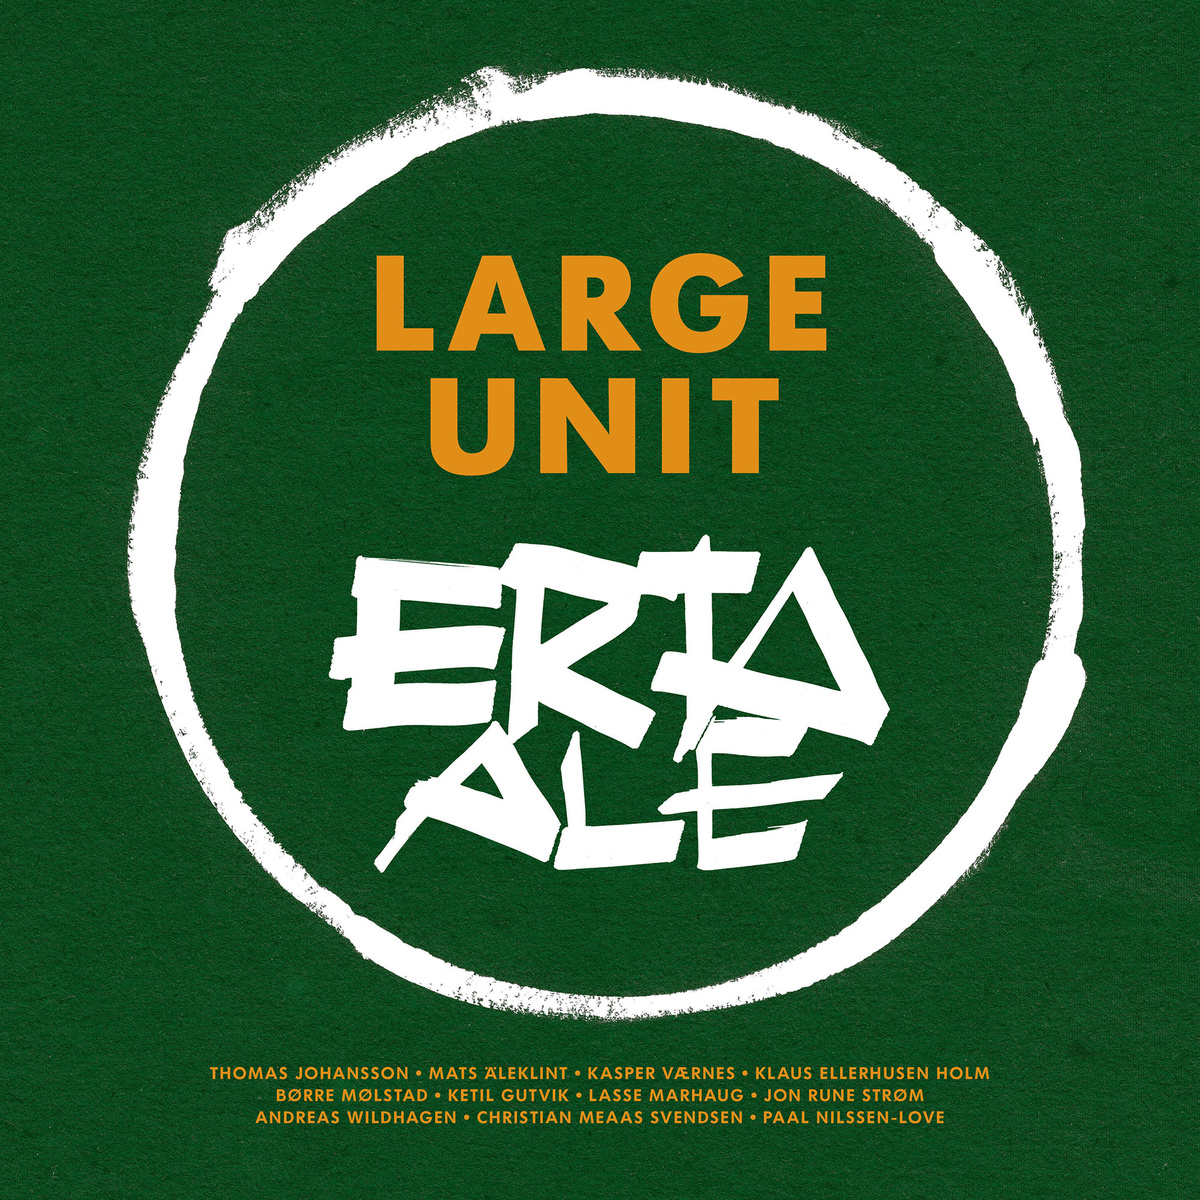 large-unit-erta-ale